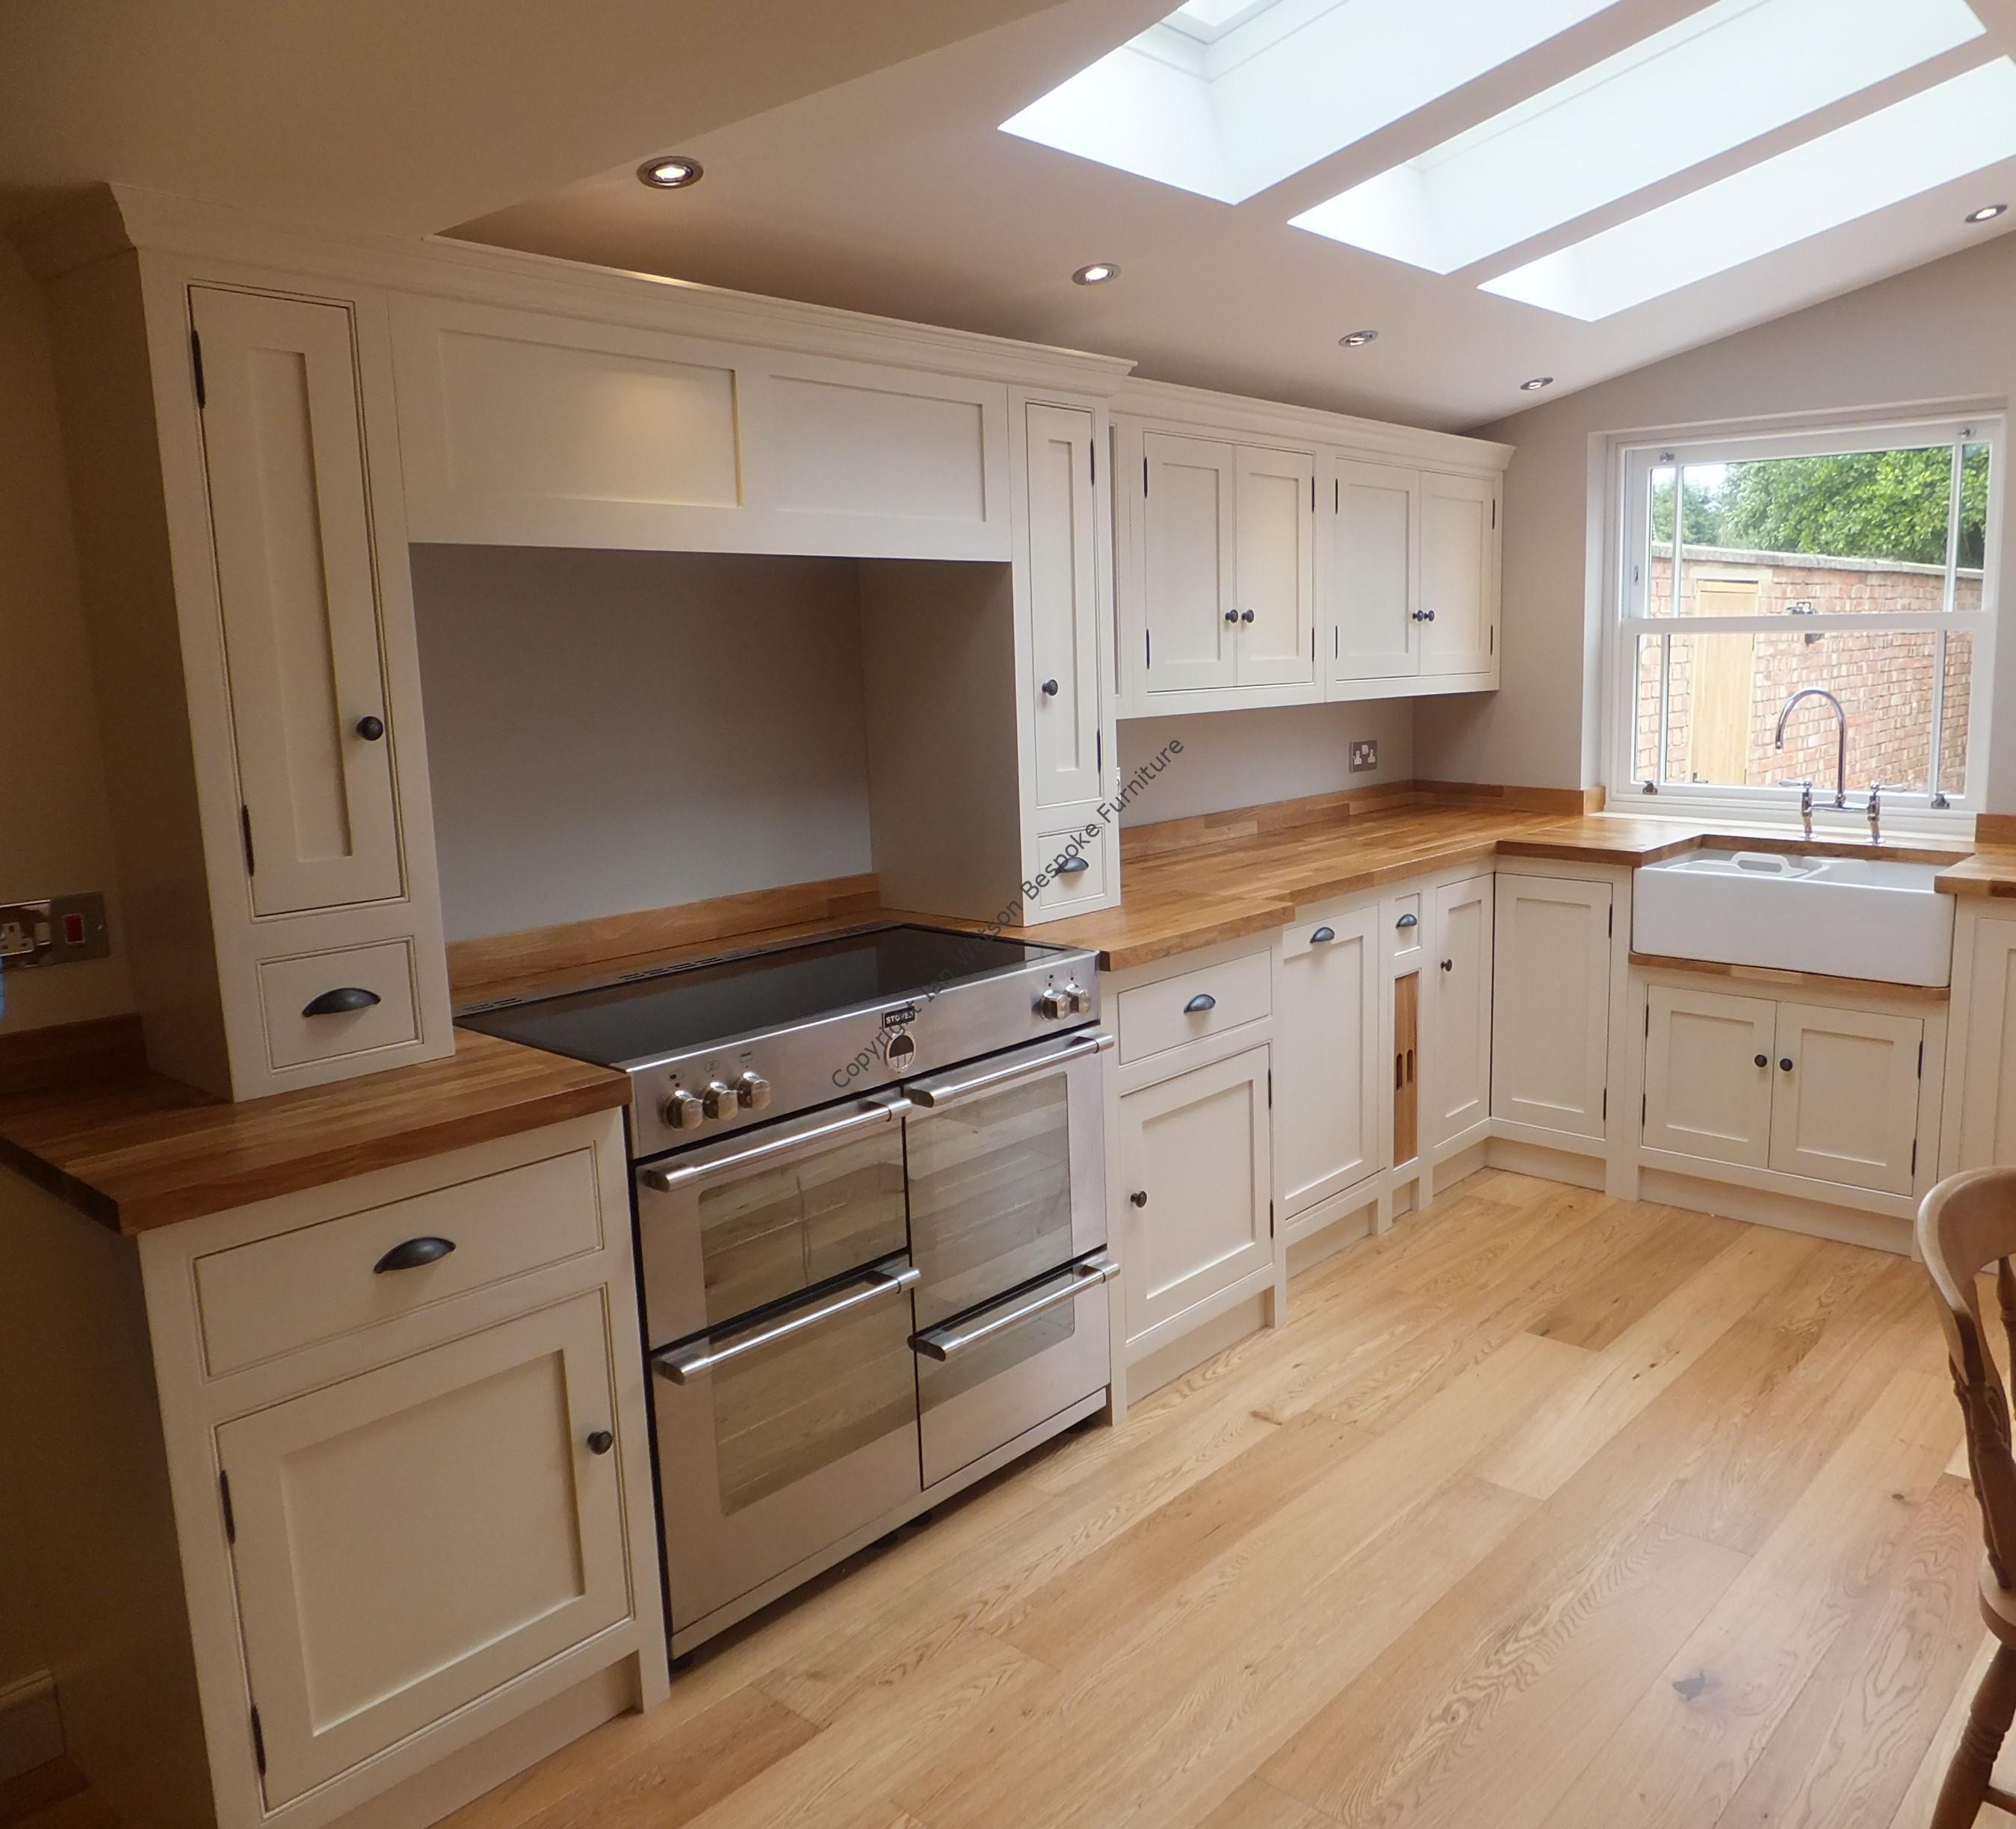 Bespoke And Handmade Kitchens: Beautiful Handmade Kitchens From Master Craftsmen